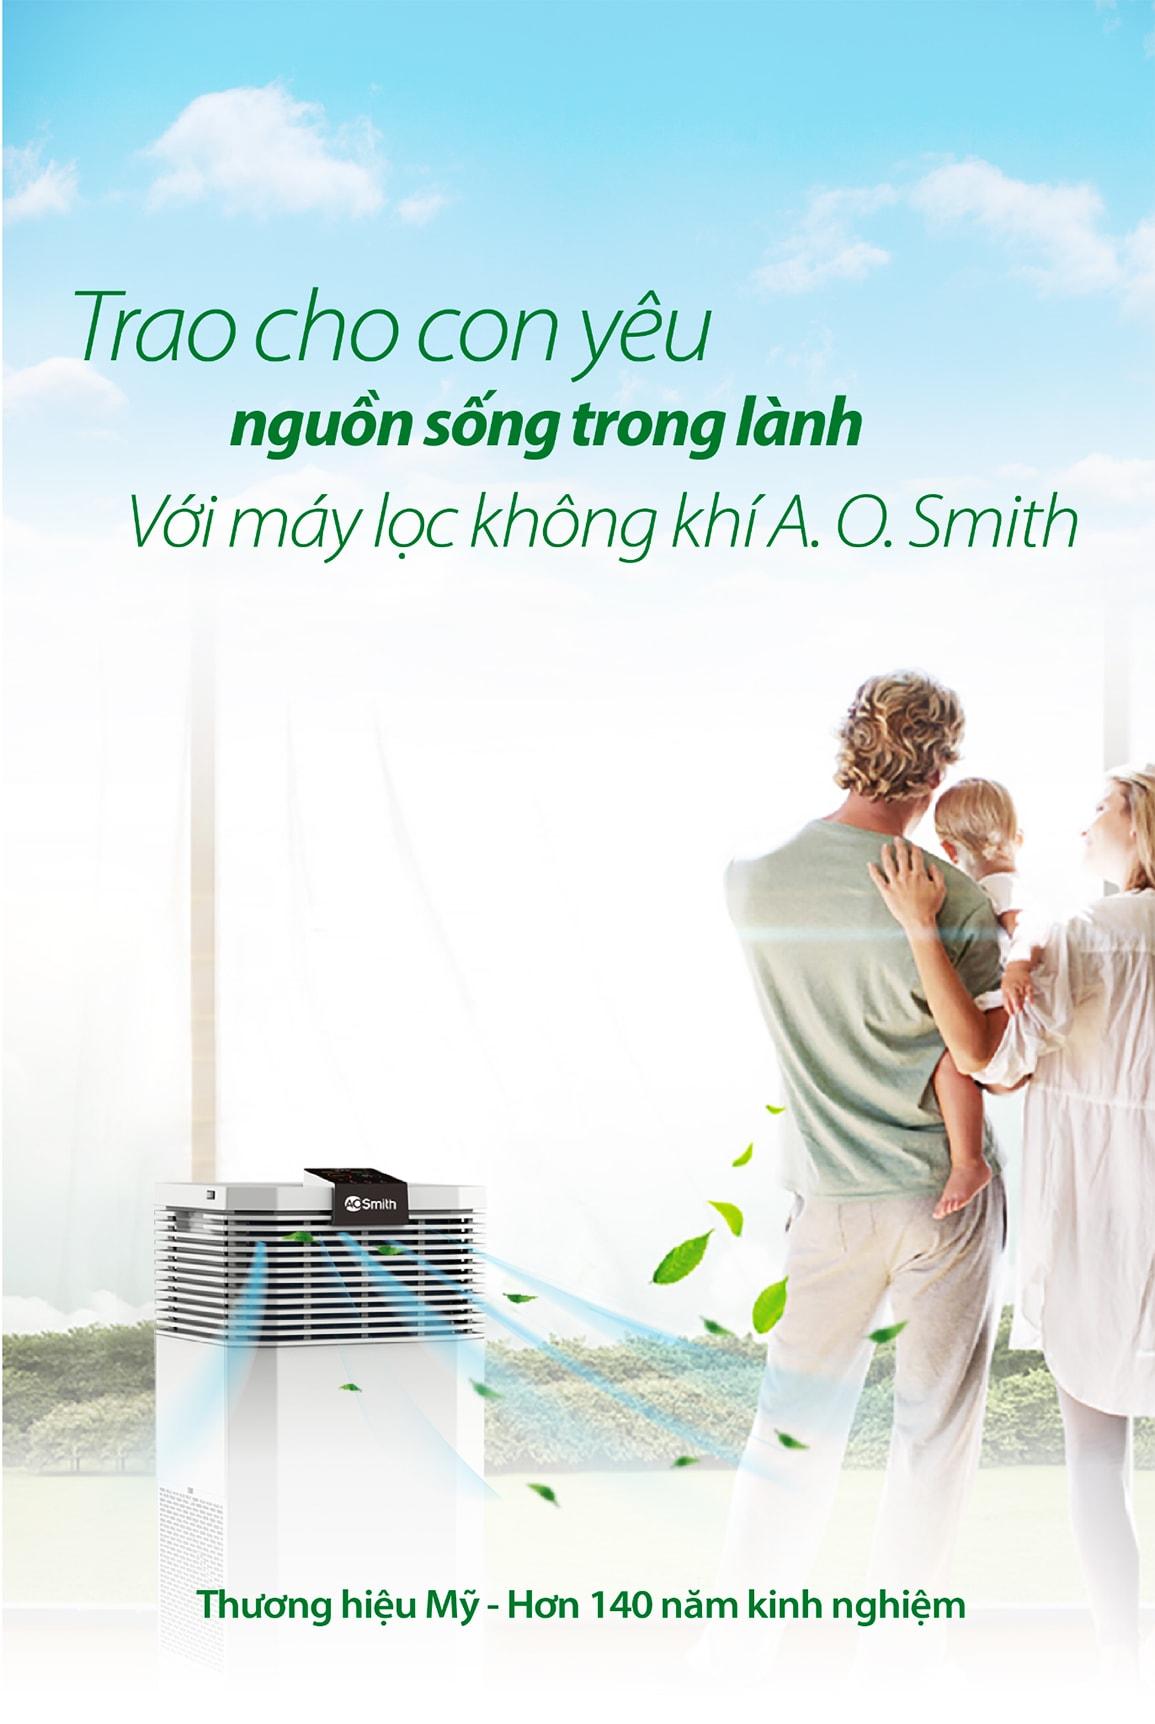 Lọc không khí A.O.Smith KJ420F-B01 là một sản phẩm mang thương hiệu Mỹ với gần 150 năm kinh nghiệm